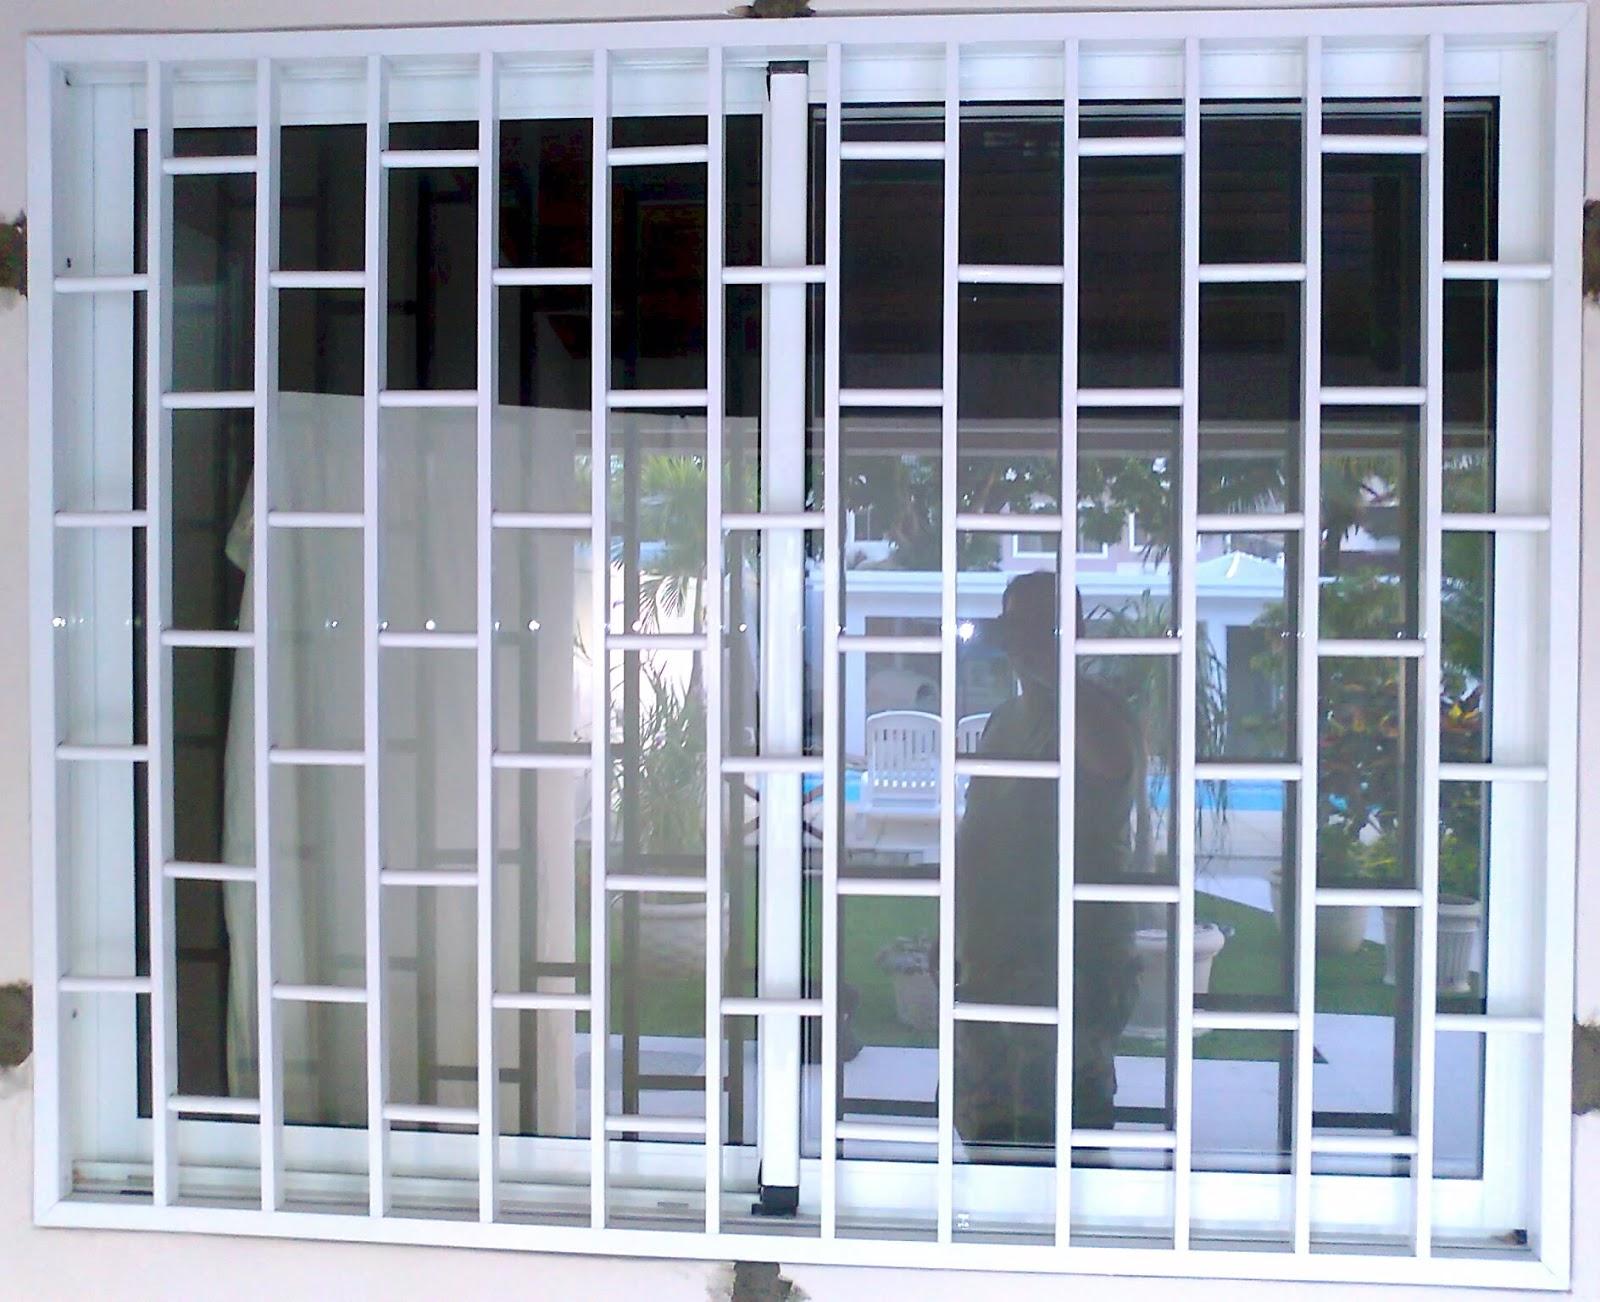 #455486  RJ ZONA NORTE: Serralheria Del Castilho Rio de Janeiro Zona Norte 1100 Portas E Janelas De Aluminio Na Telha Norte